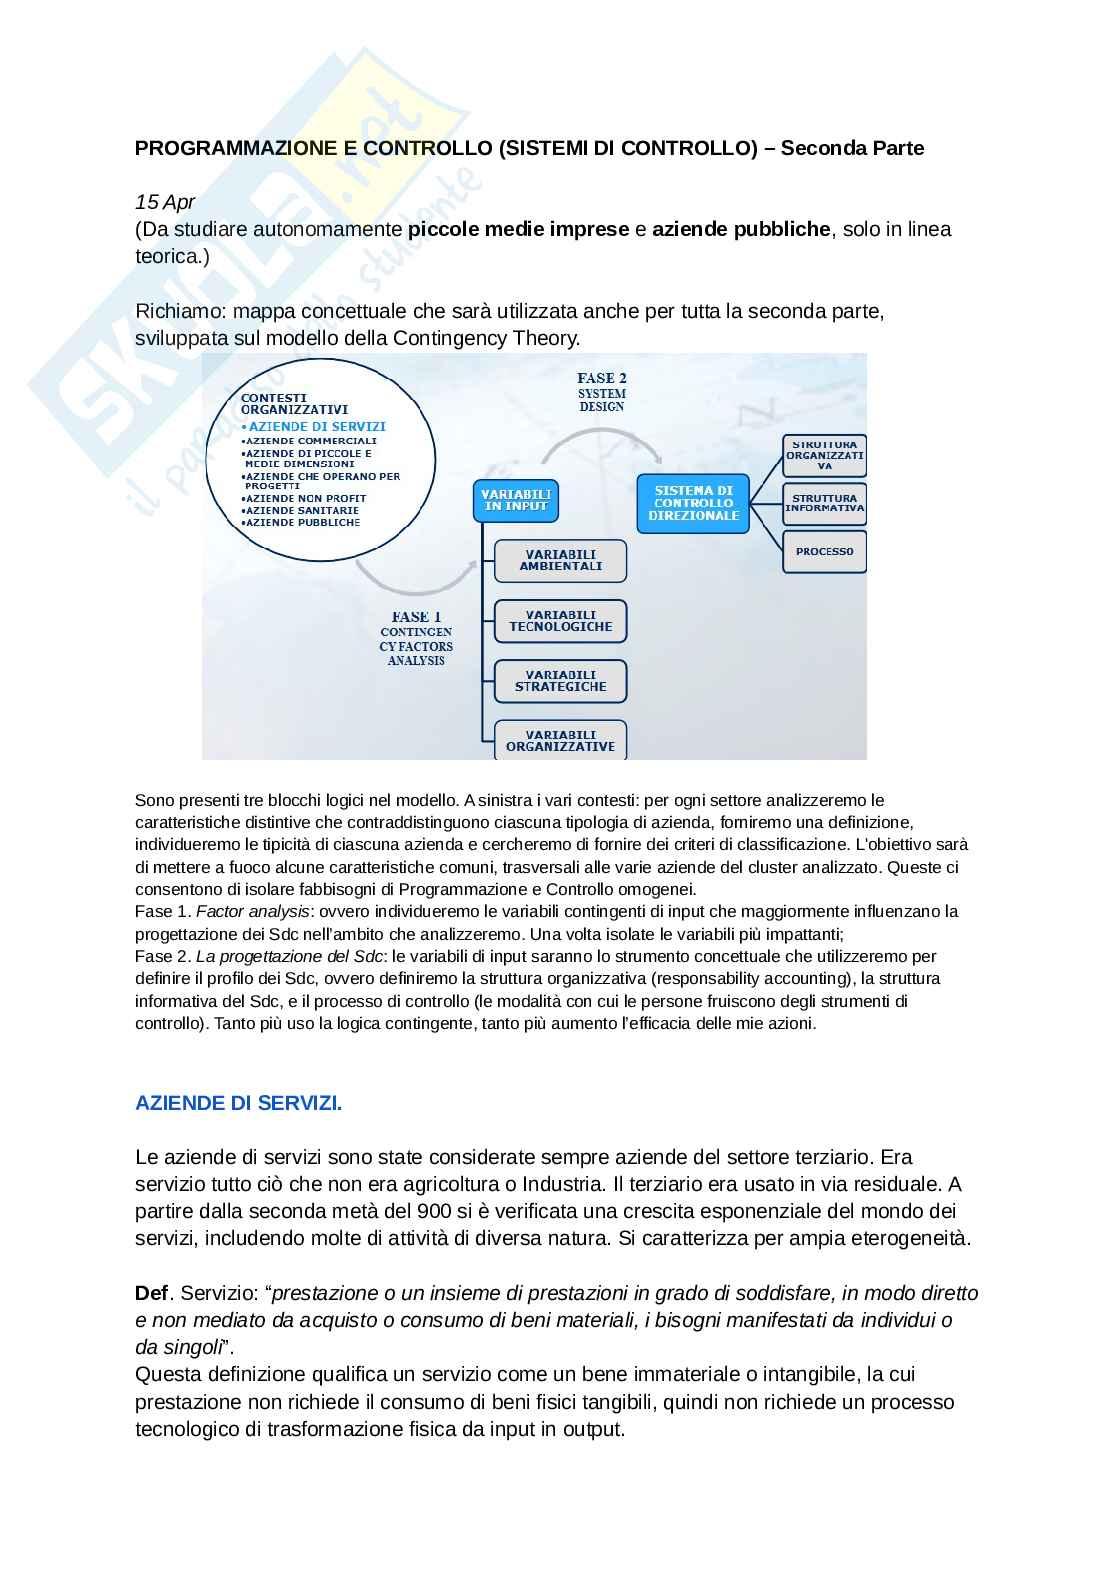 Programmazione e controllo (Sistemi di Controllo) - Parte II